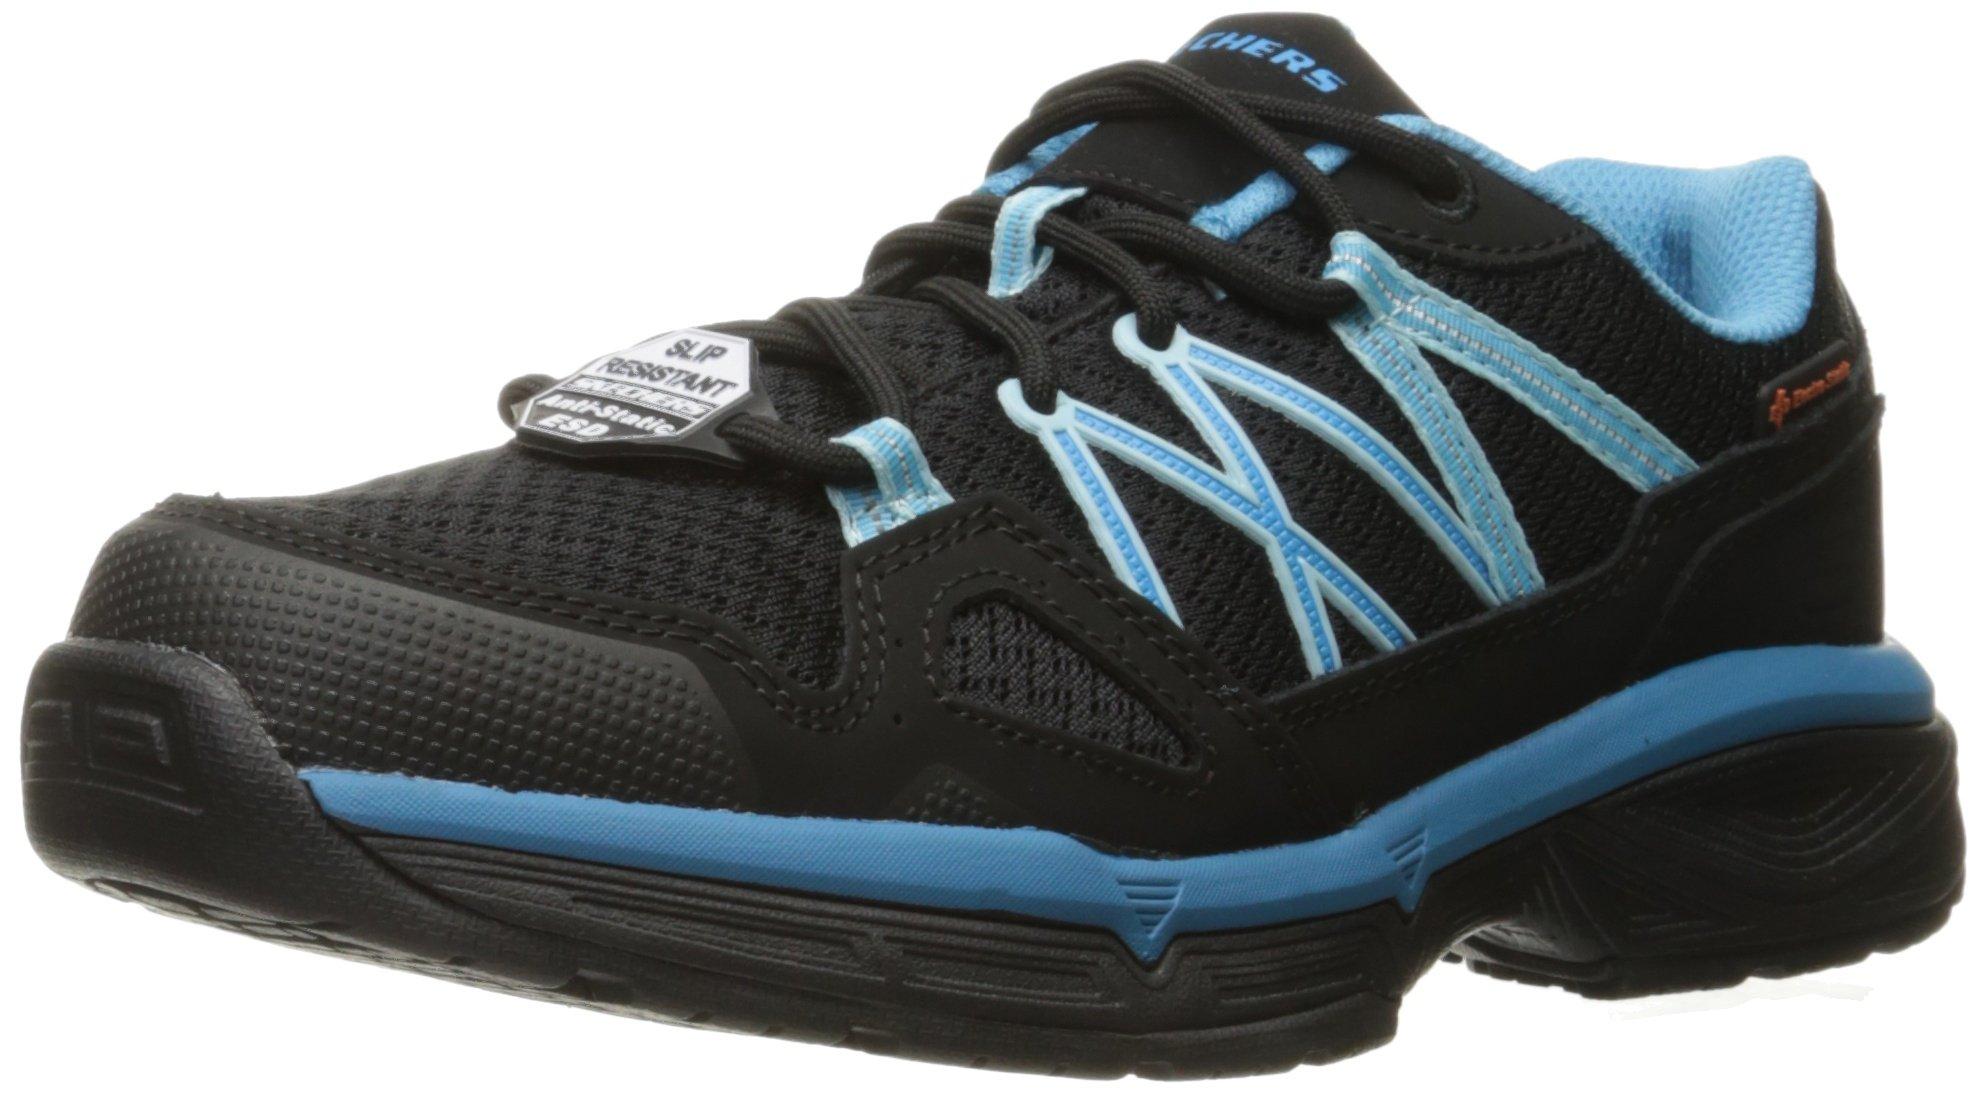 Skechers for Work Women's Conroe Abbenes Work Shoe,Black/Light Blue,6 M US